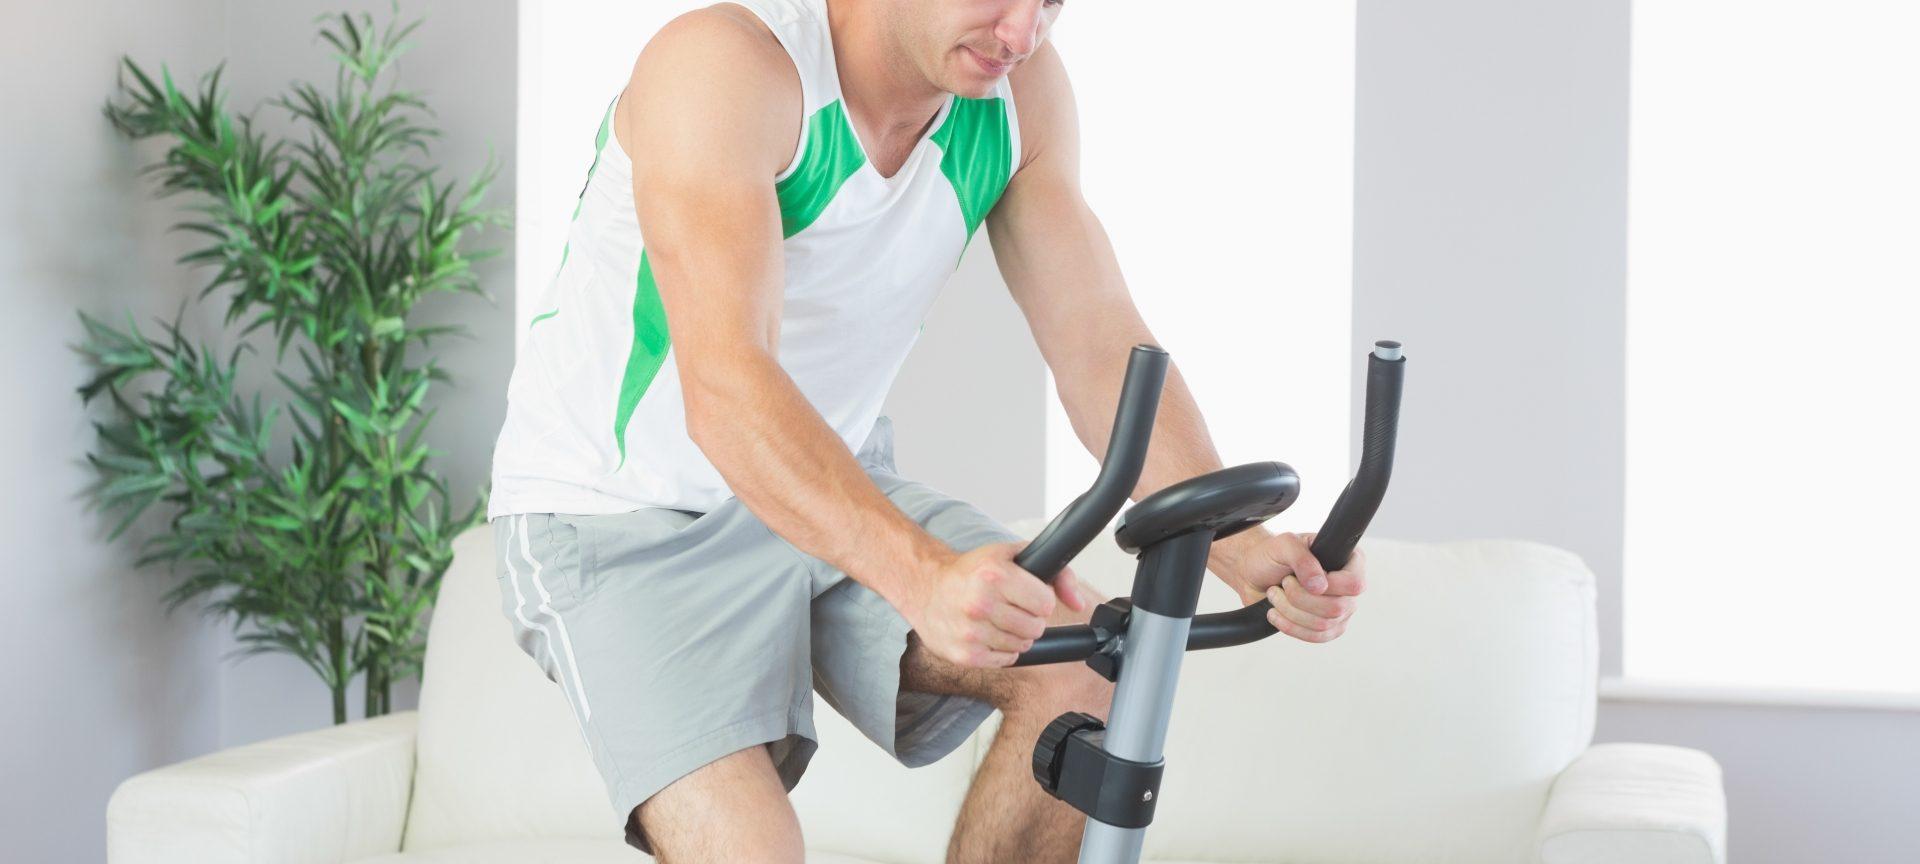 dureri de sold și biciclete de exercițiu